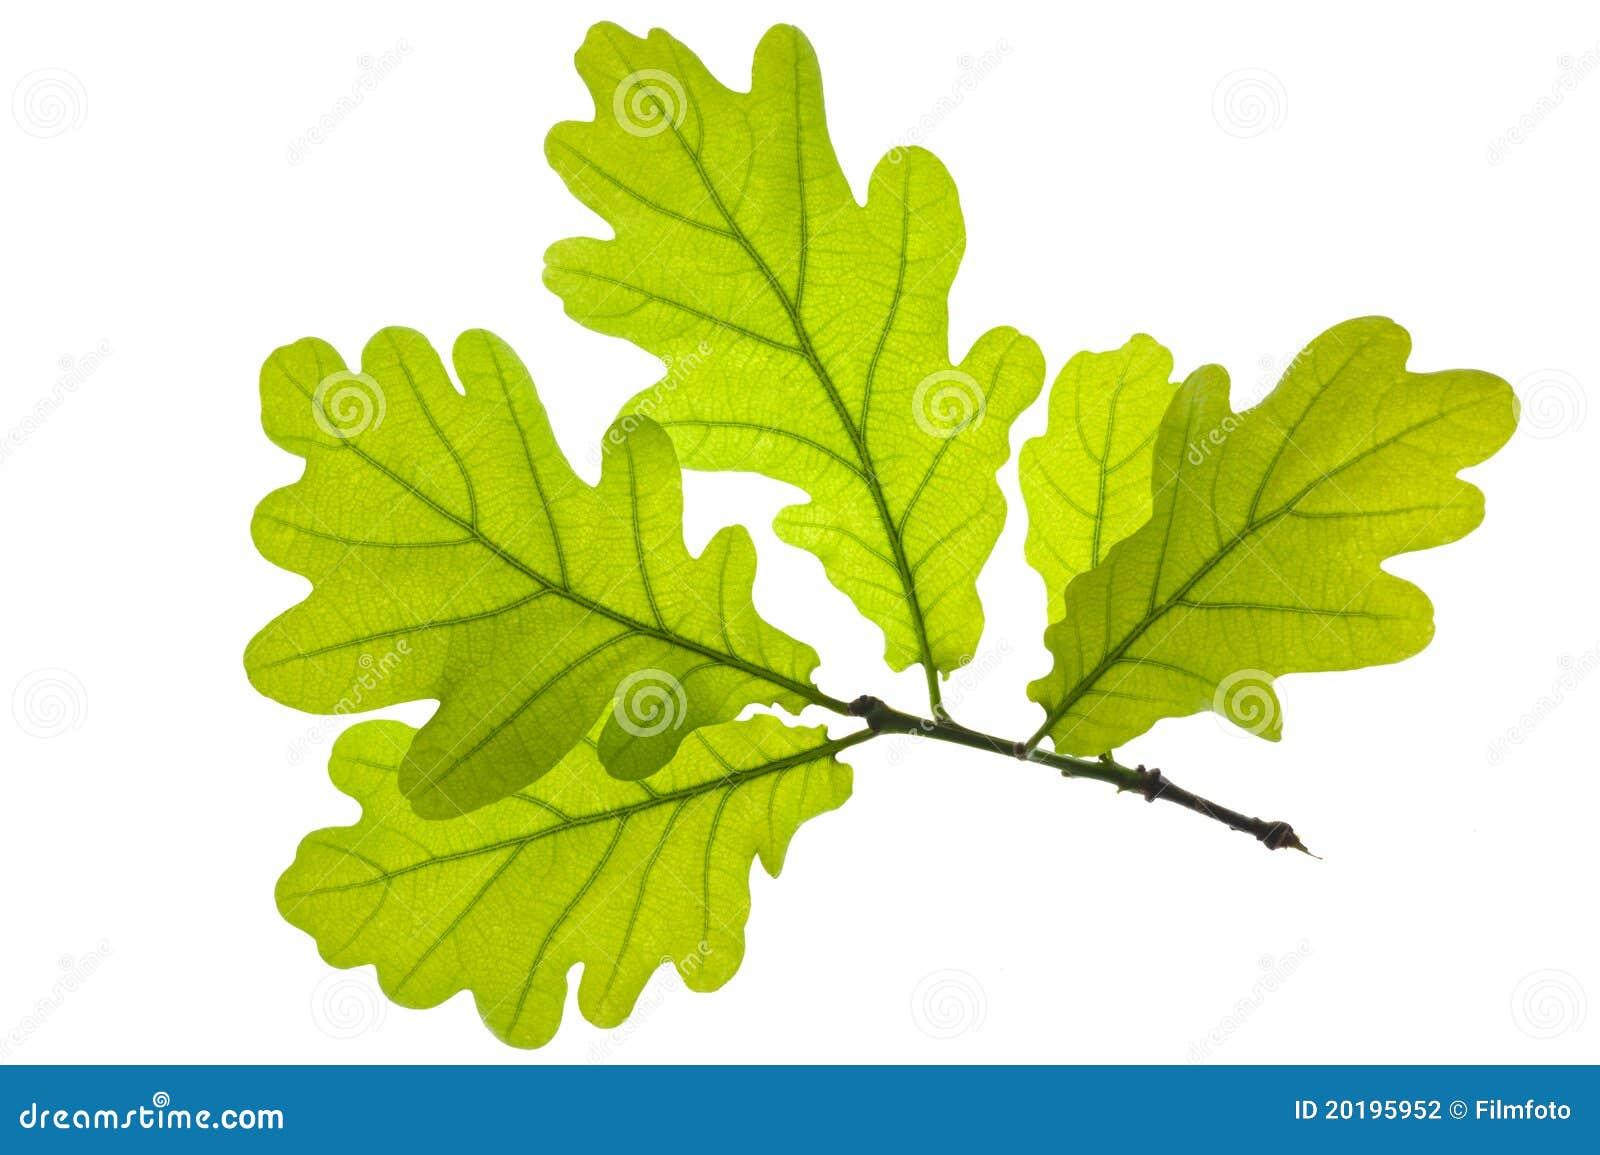 Oak Leaf Stock Photography Image 20195952